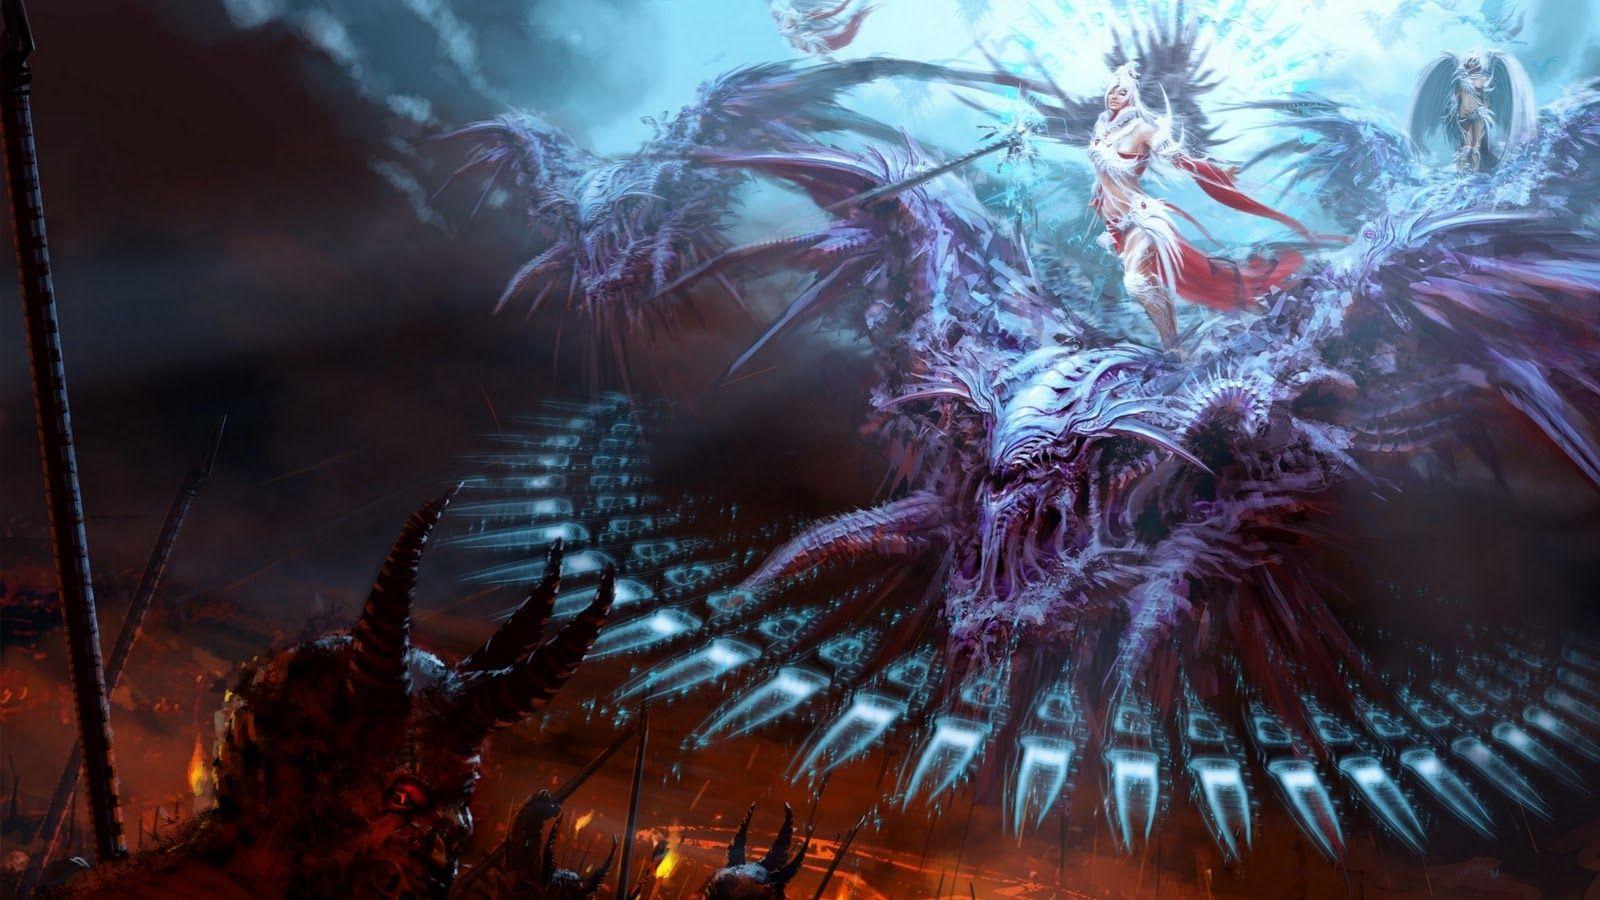 Vs Demons Amazing 3d Art Hd Wallpapers Epic Desktop